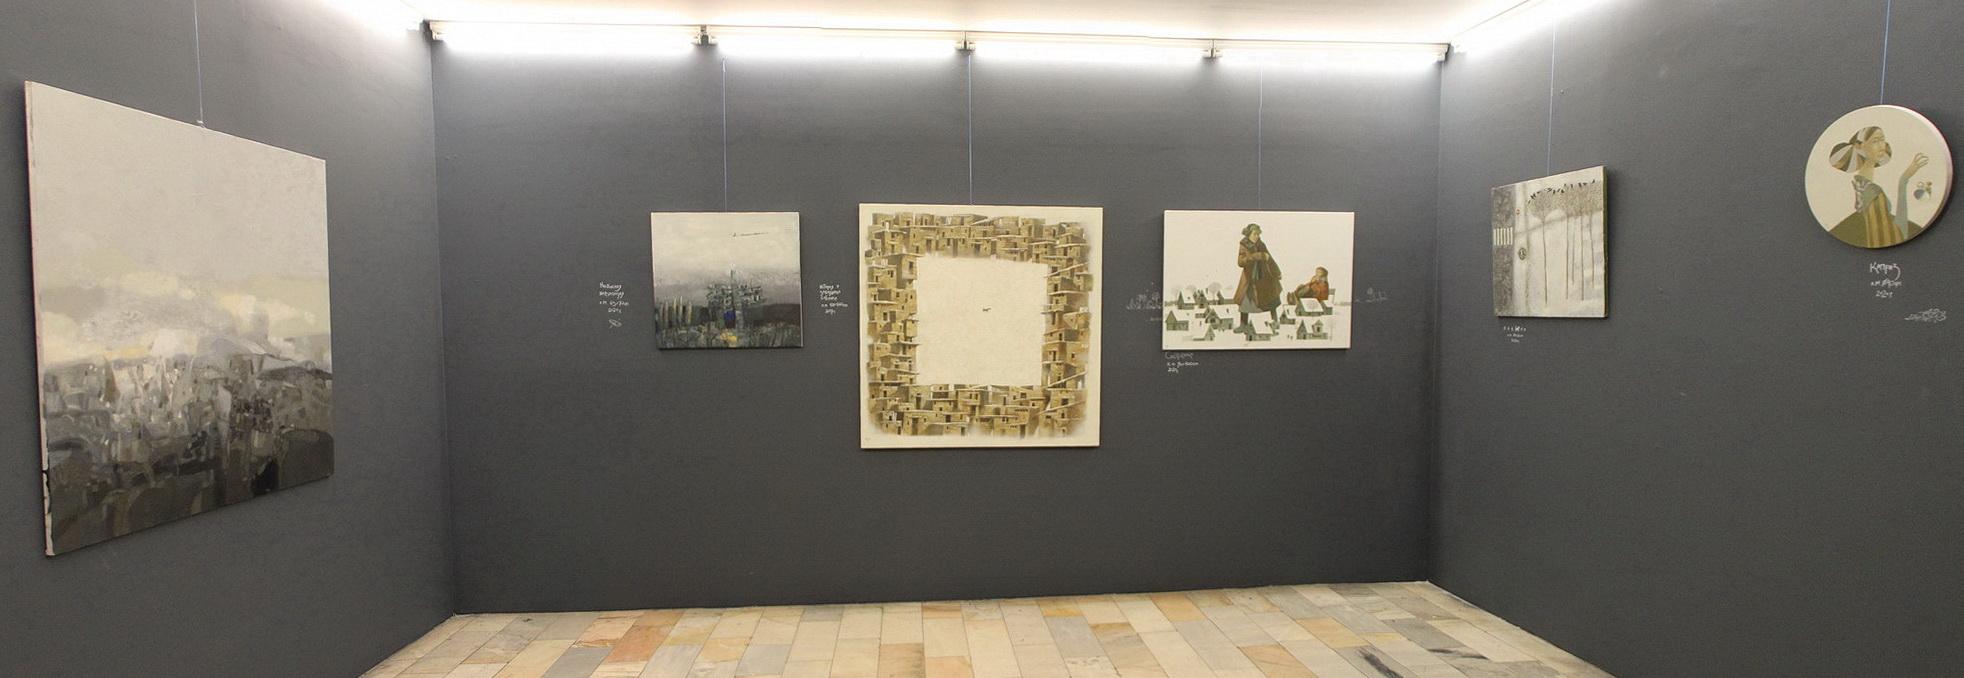 Бабур Исмоилов. Экспозиция картин. 2020 (2)